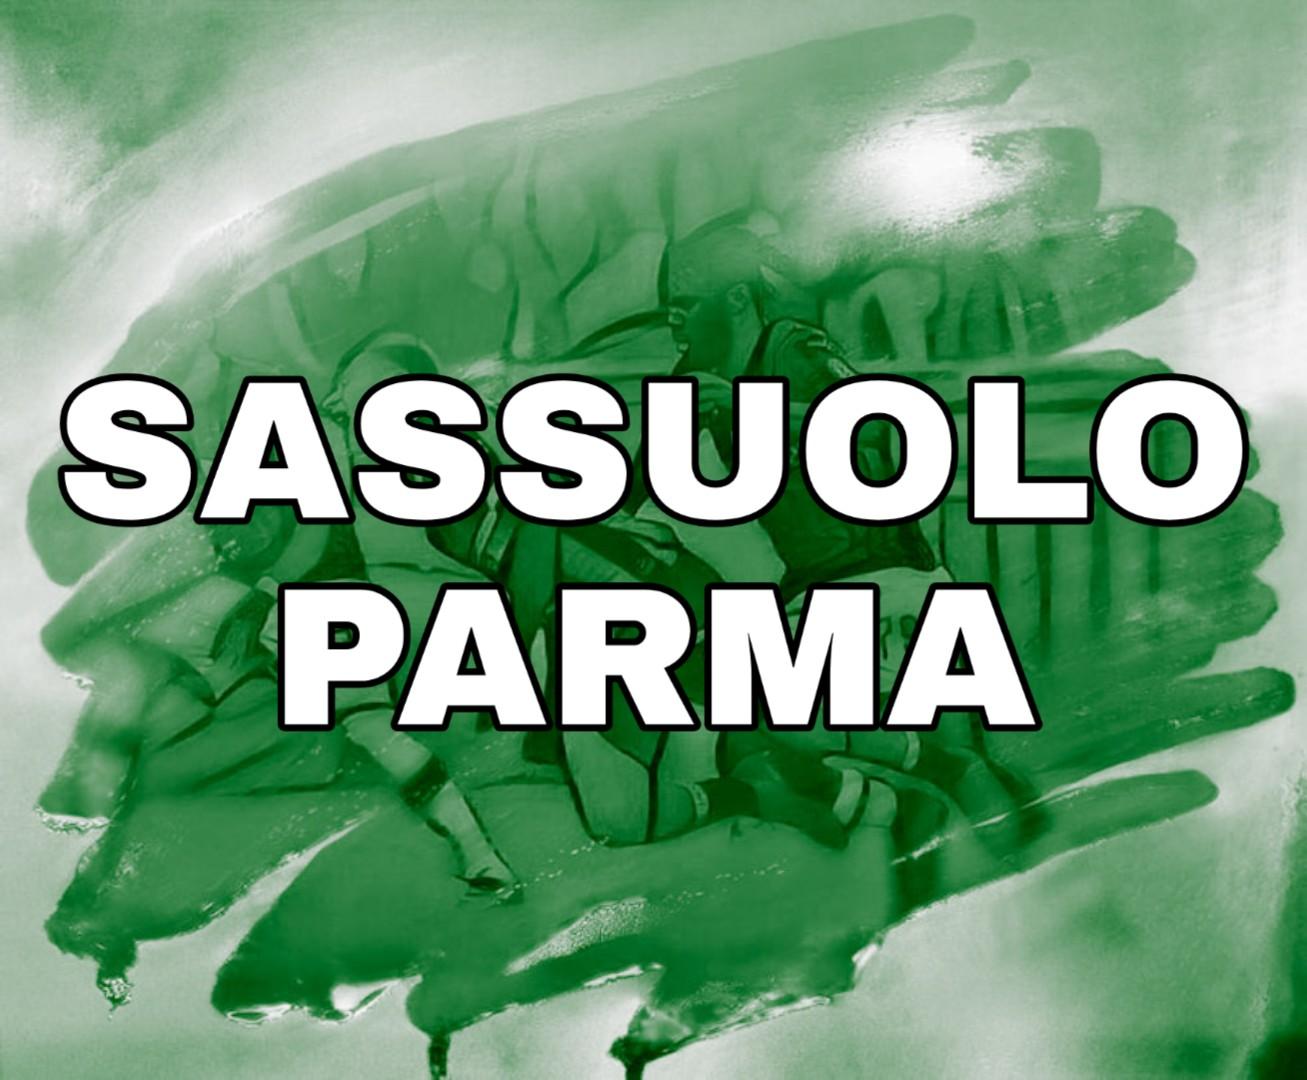 Sassuolo Parma fantacalcio